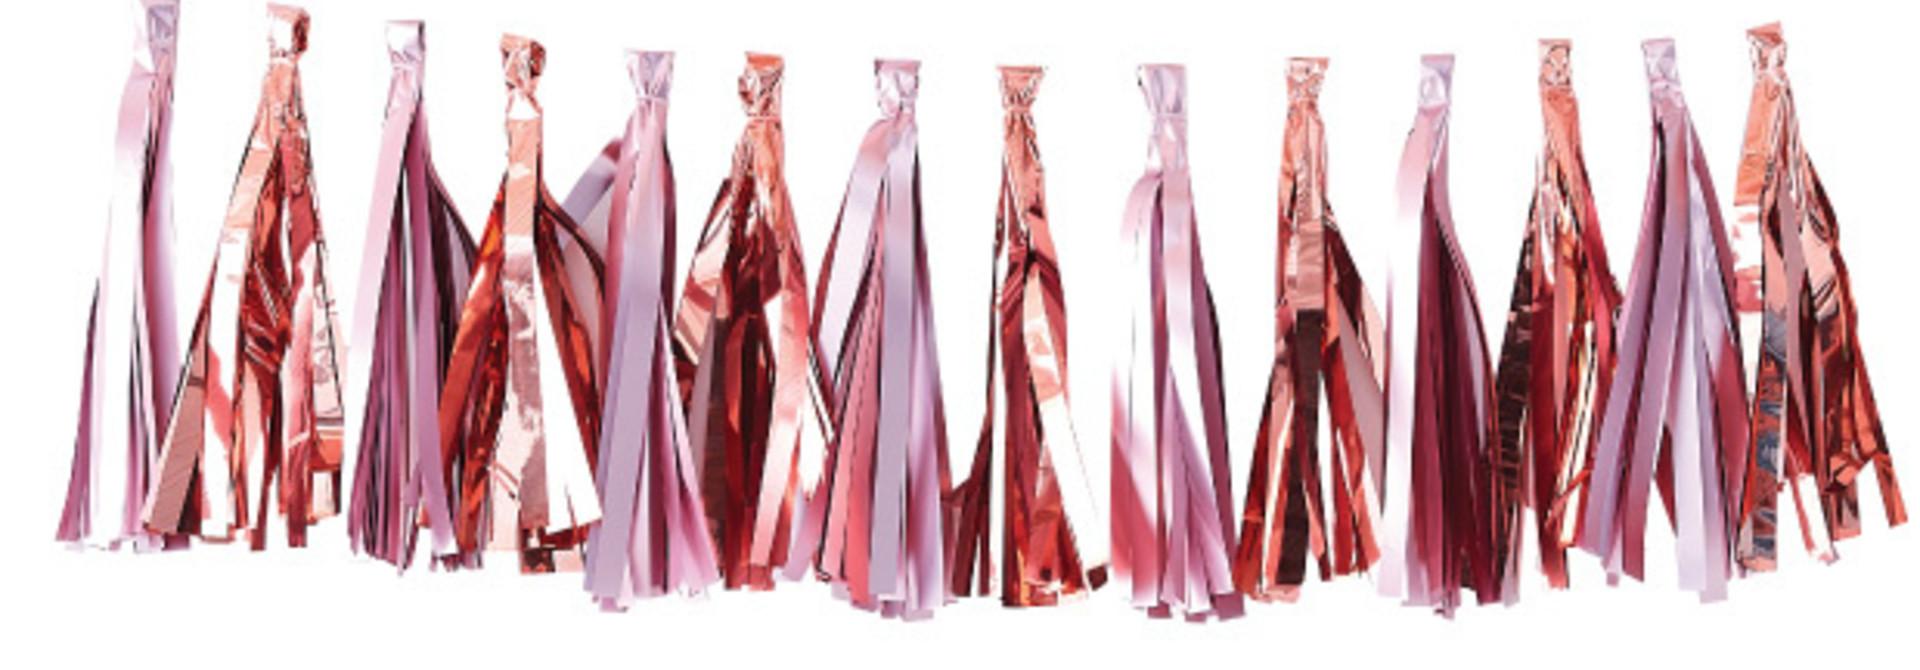 Tasselslinger roze roségoud Twinkle Twinkle